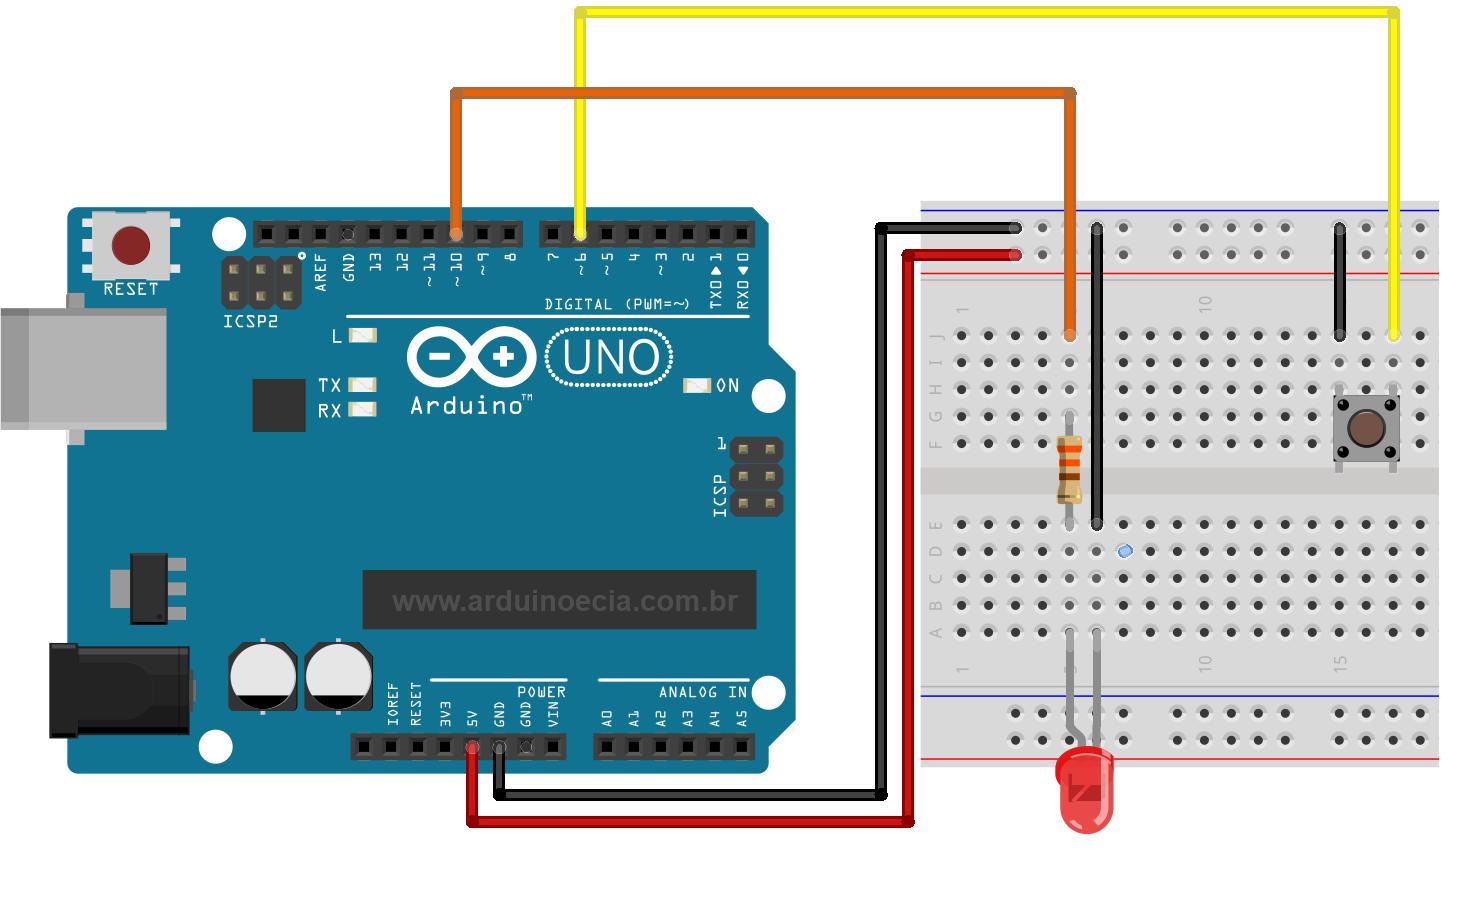 Circuito Ups : Resistor de elevação arduino e cia